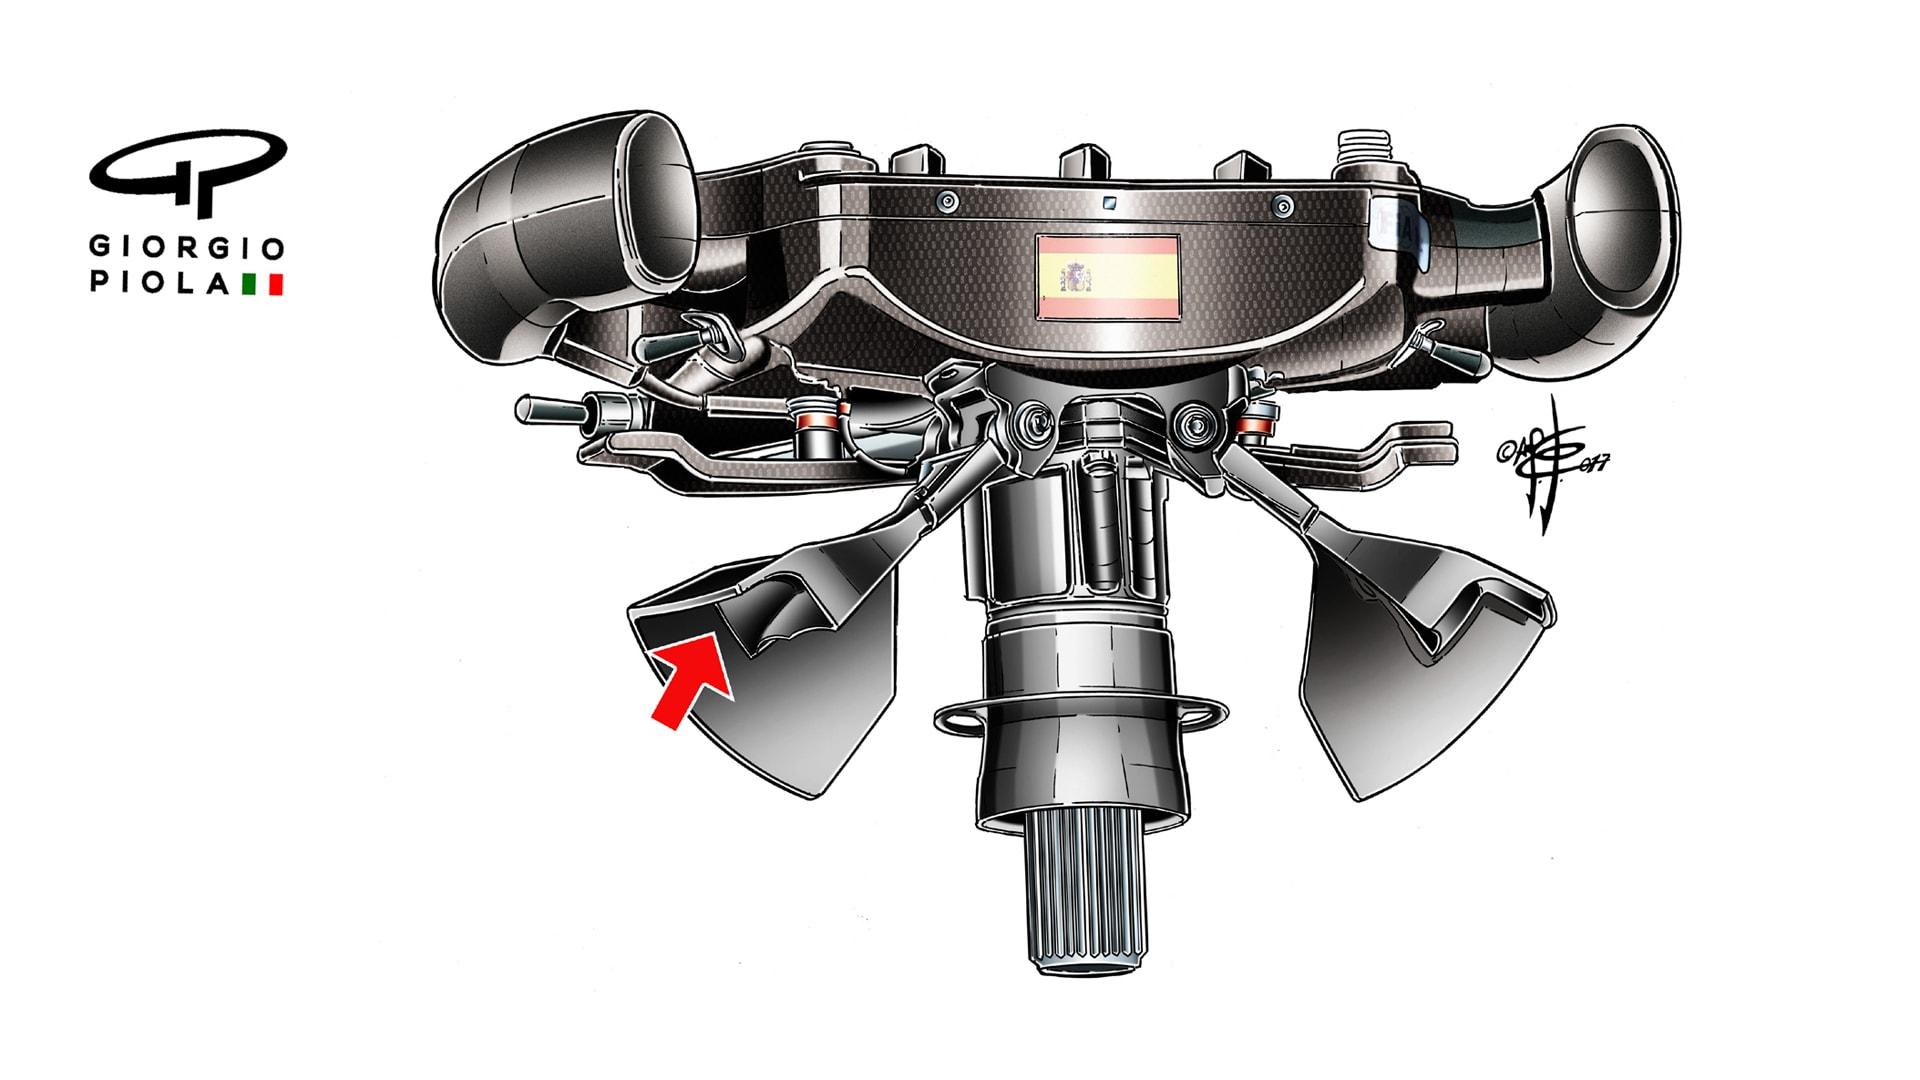 Tech insight - Alonso's ergonomic clutch paddles